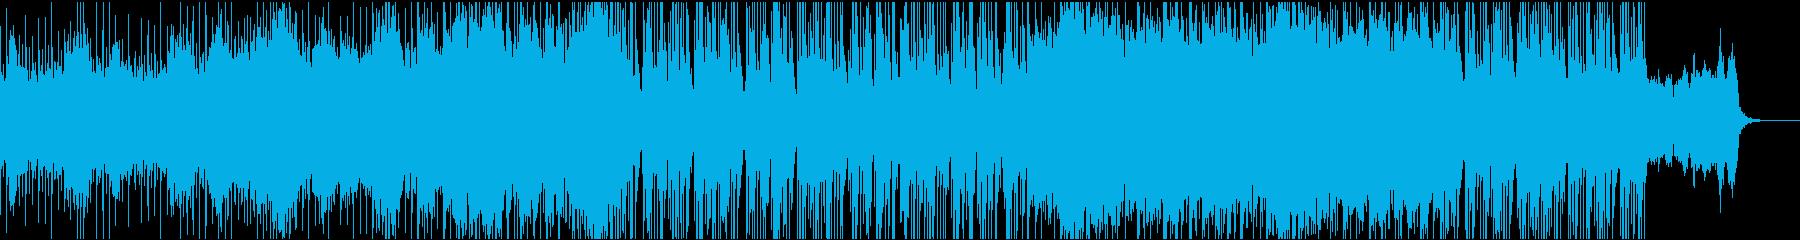 和風インダストリアル曲(別バージョン)の再生済みの波形